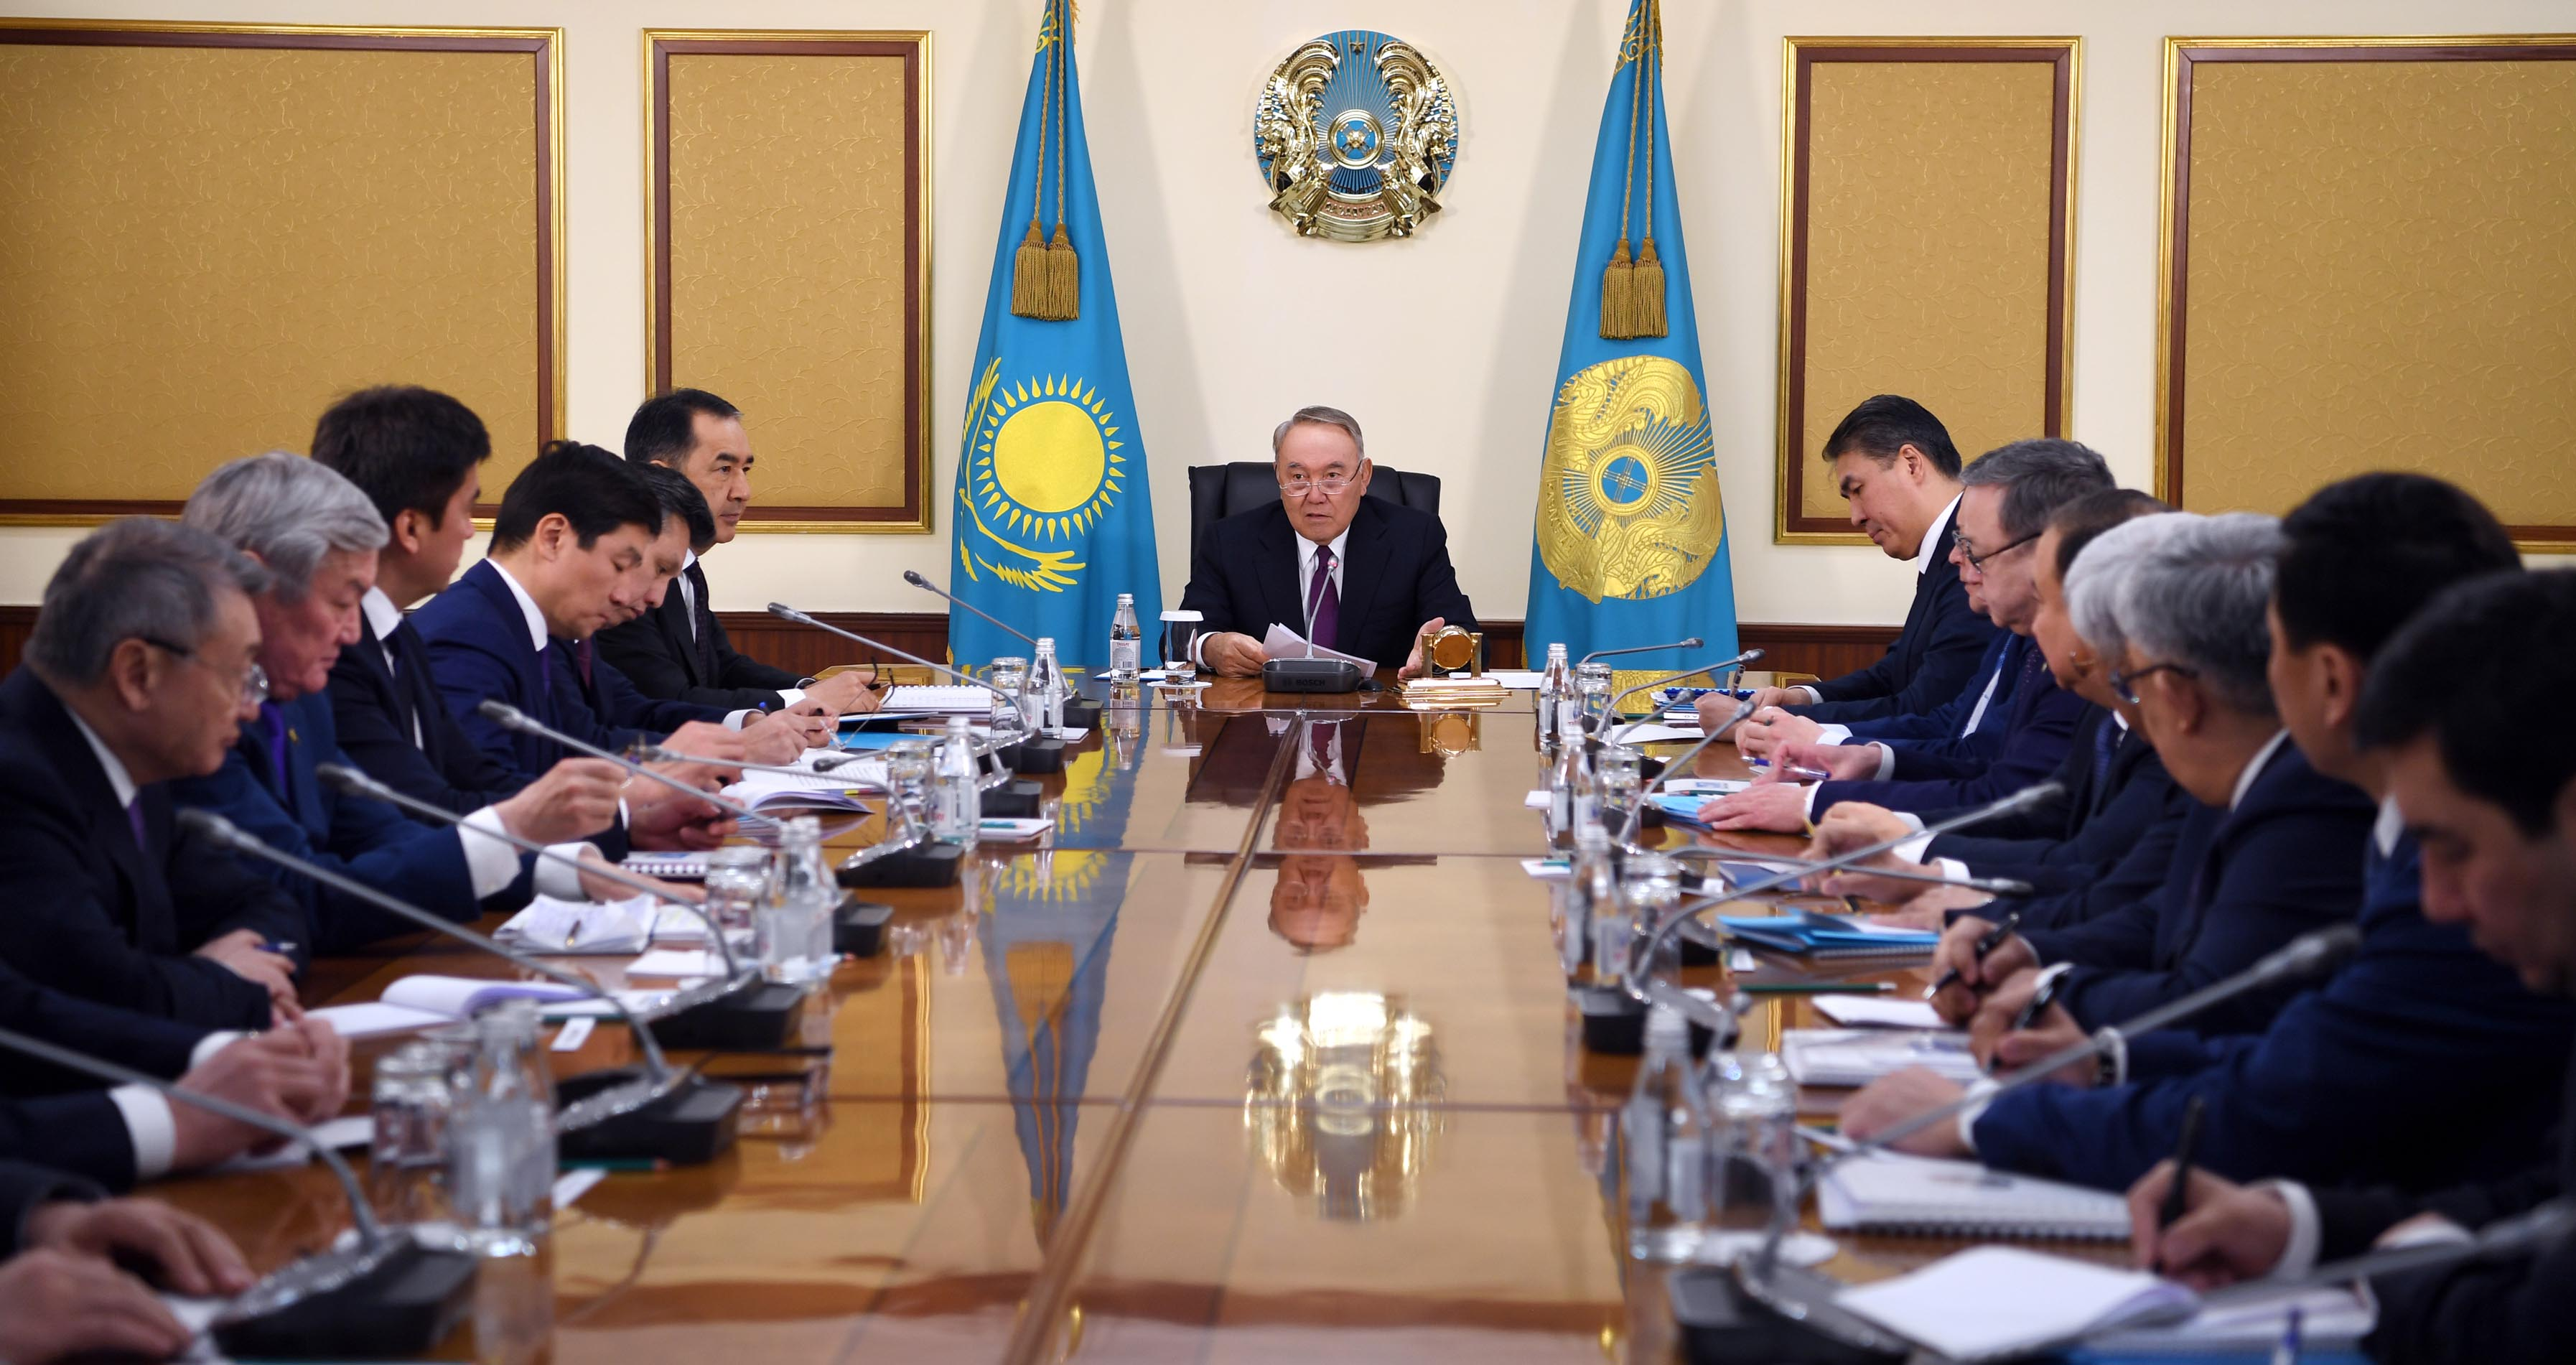 Нурсултан Назарбаев провел совещание с акимами регионов и Алматы, Астаны и Шымкента